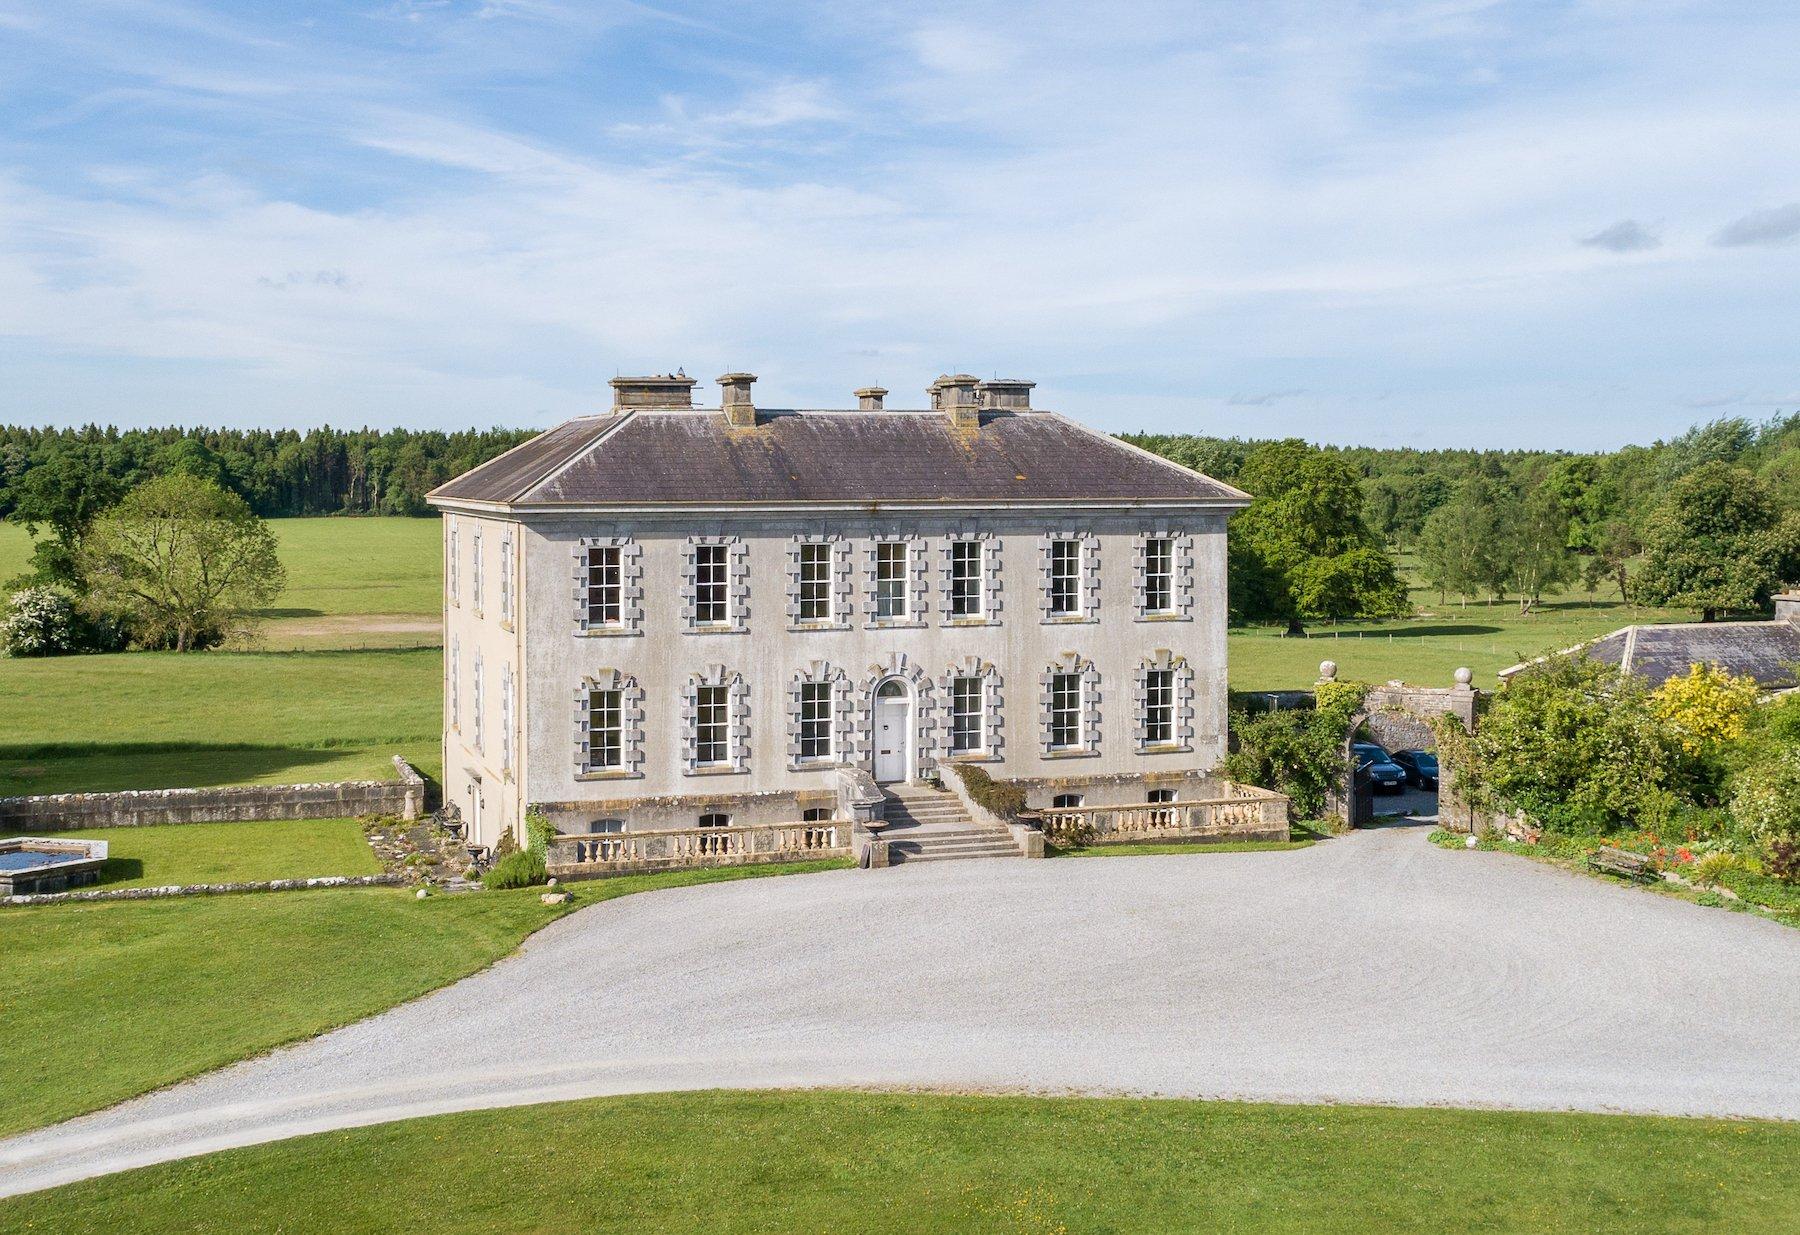 County Tipperary, Ireland 1 - 11126127